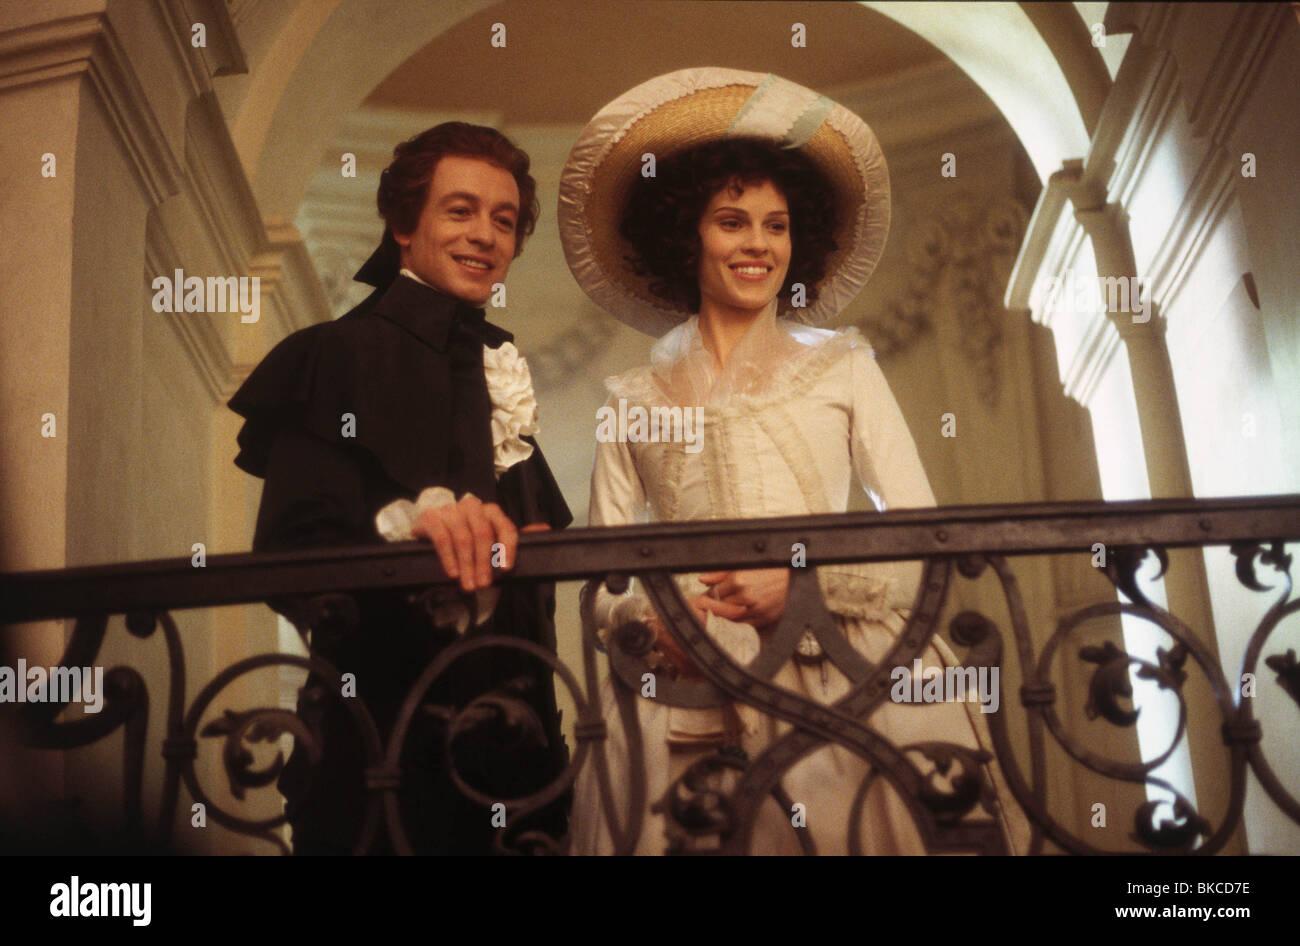 Lo Scandalo Della Collana Film affare della collana (2001) simon baker, hilary swank aotn